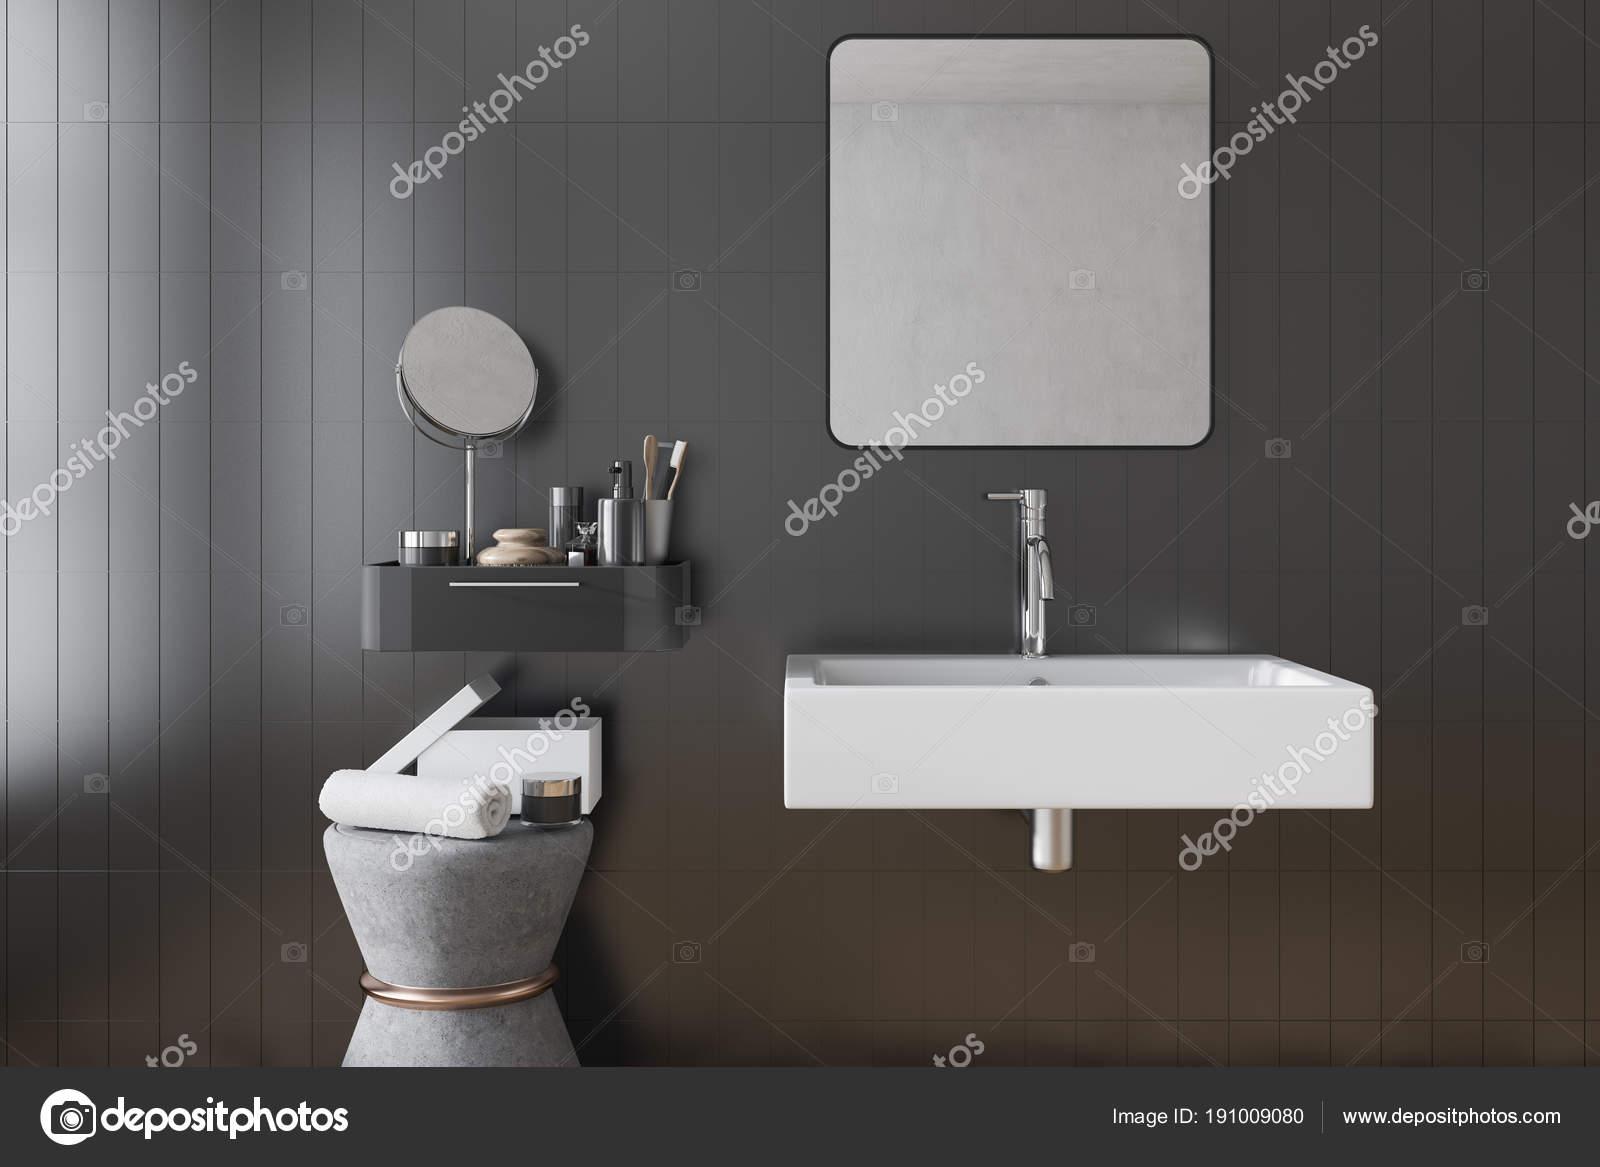 Bianco Bagno Lavandino Con Uno Specchio Quadrato Appeso Sopra Di Esso In Un  Bagno Piastrellato Nero. Un Make Up Specchio E Mensola. Rendering 3D U2014 Foto  Di ...